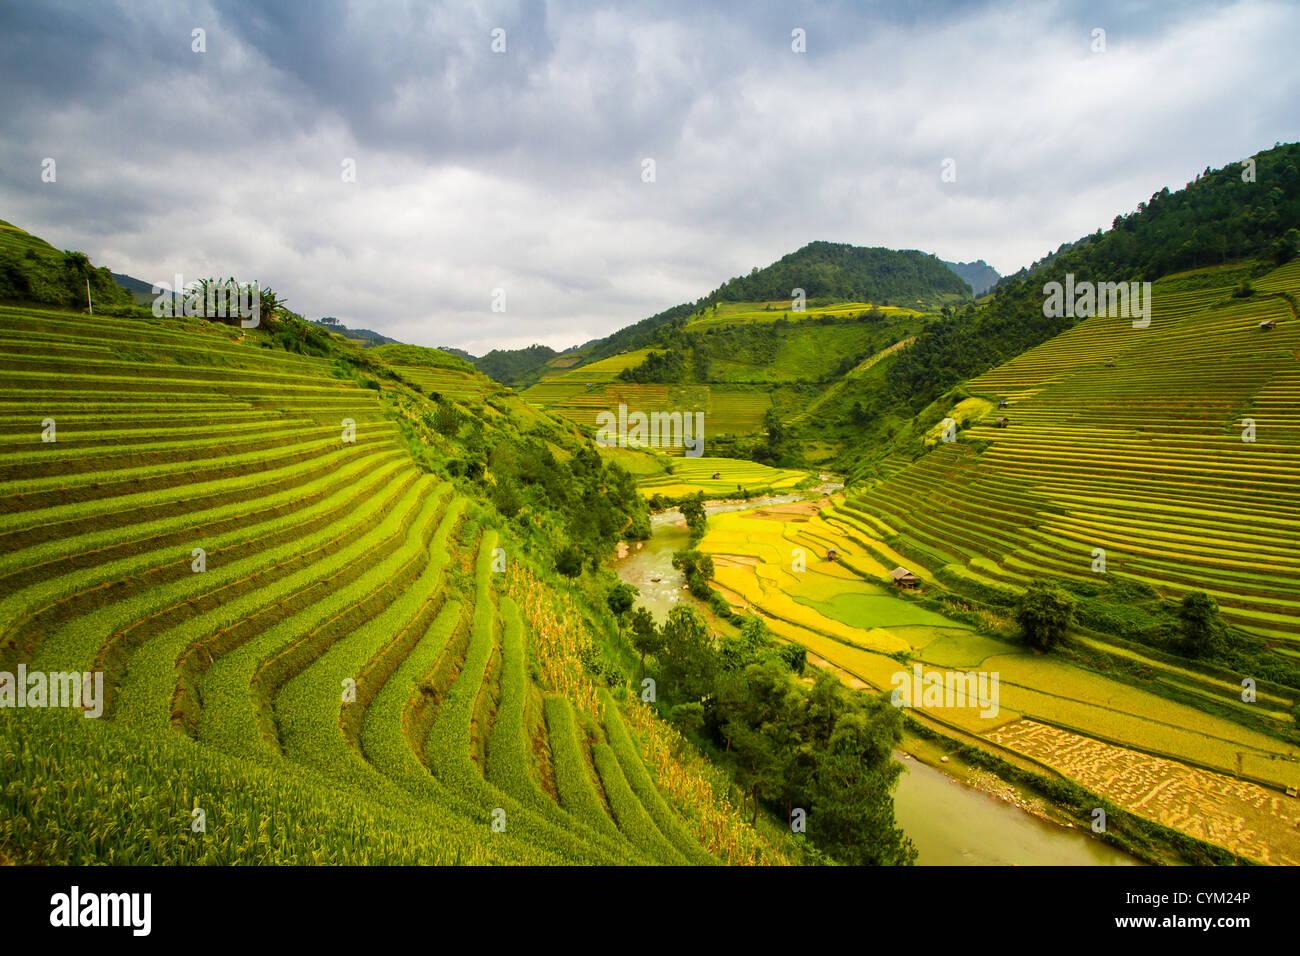 Terrazze di riso Hmong minoranza etnica, vive nel nord-ovest della zona montagnosa del Vietnam Immagini Stock